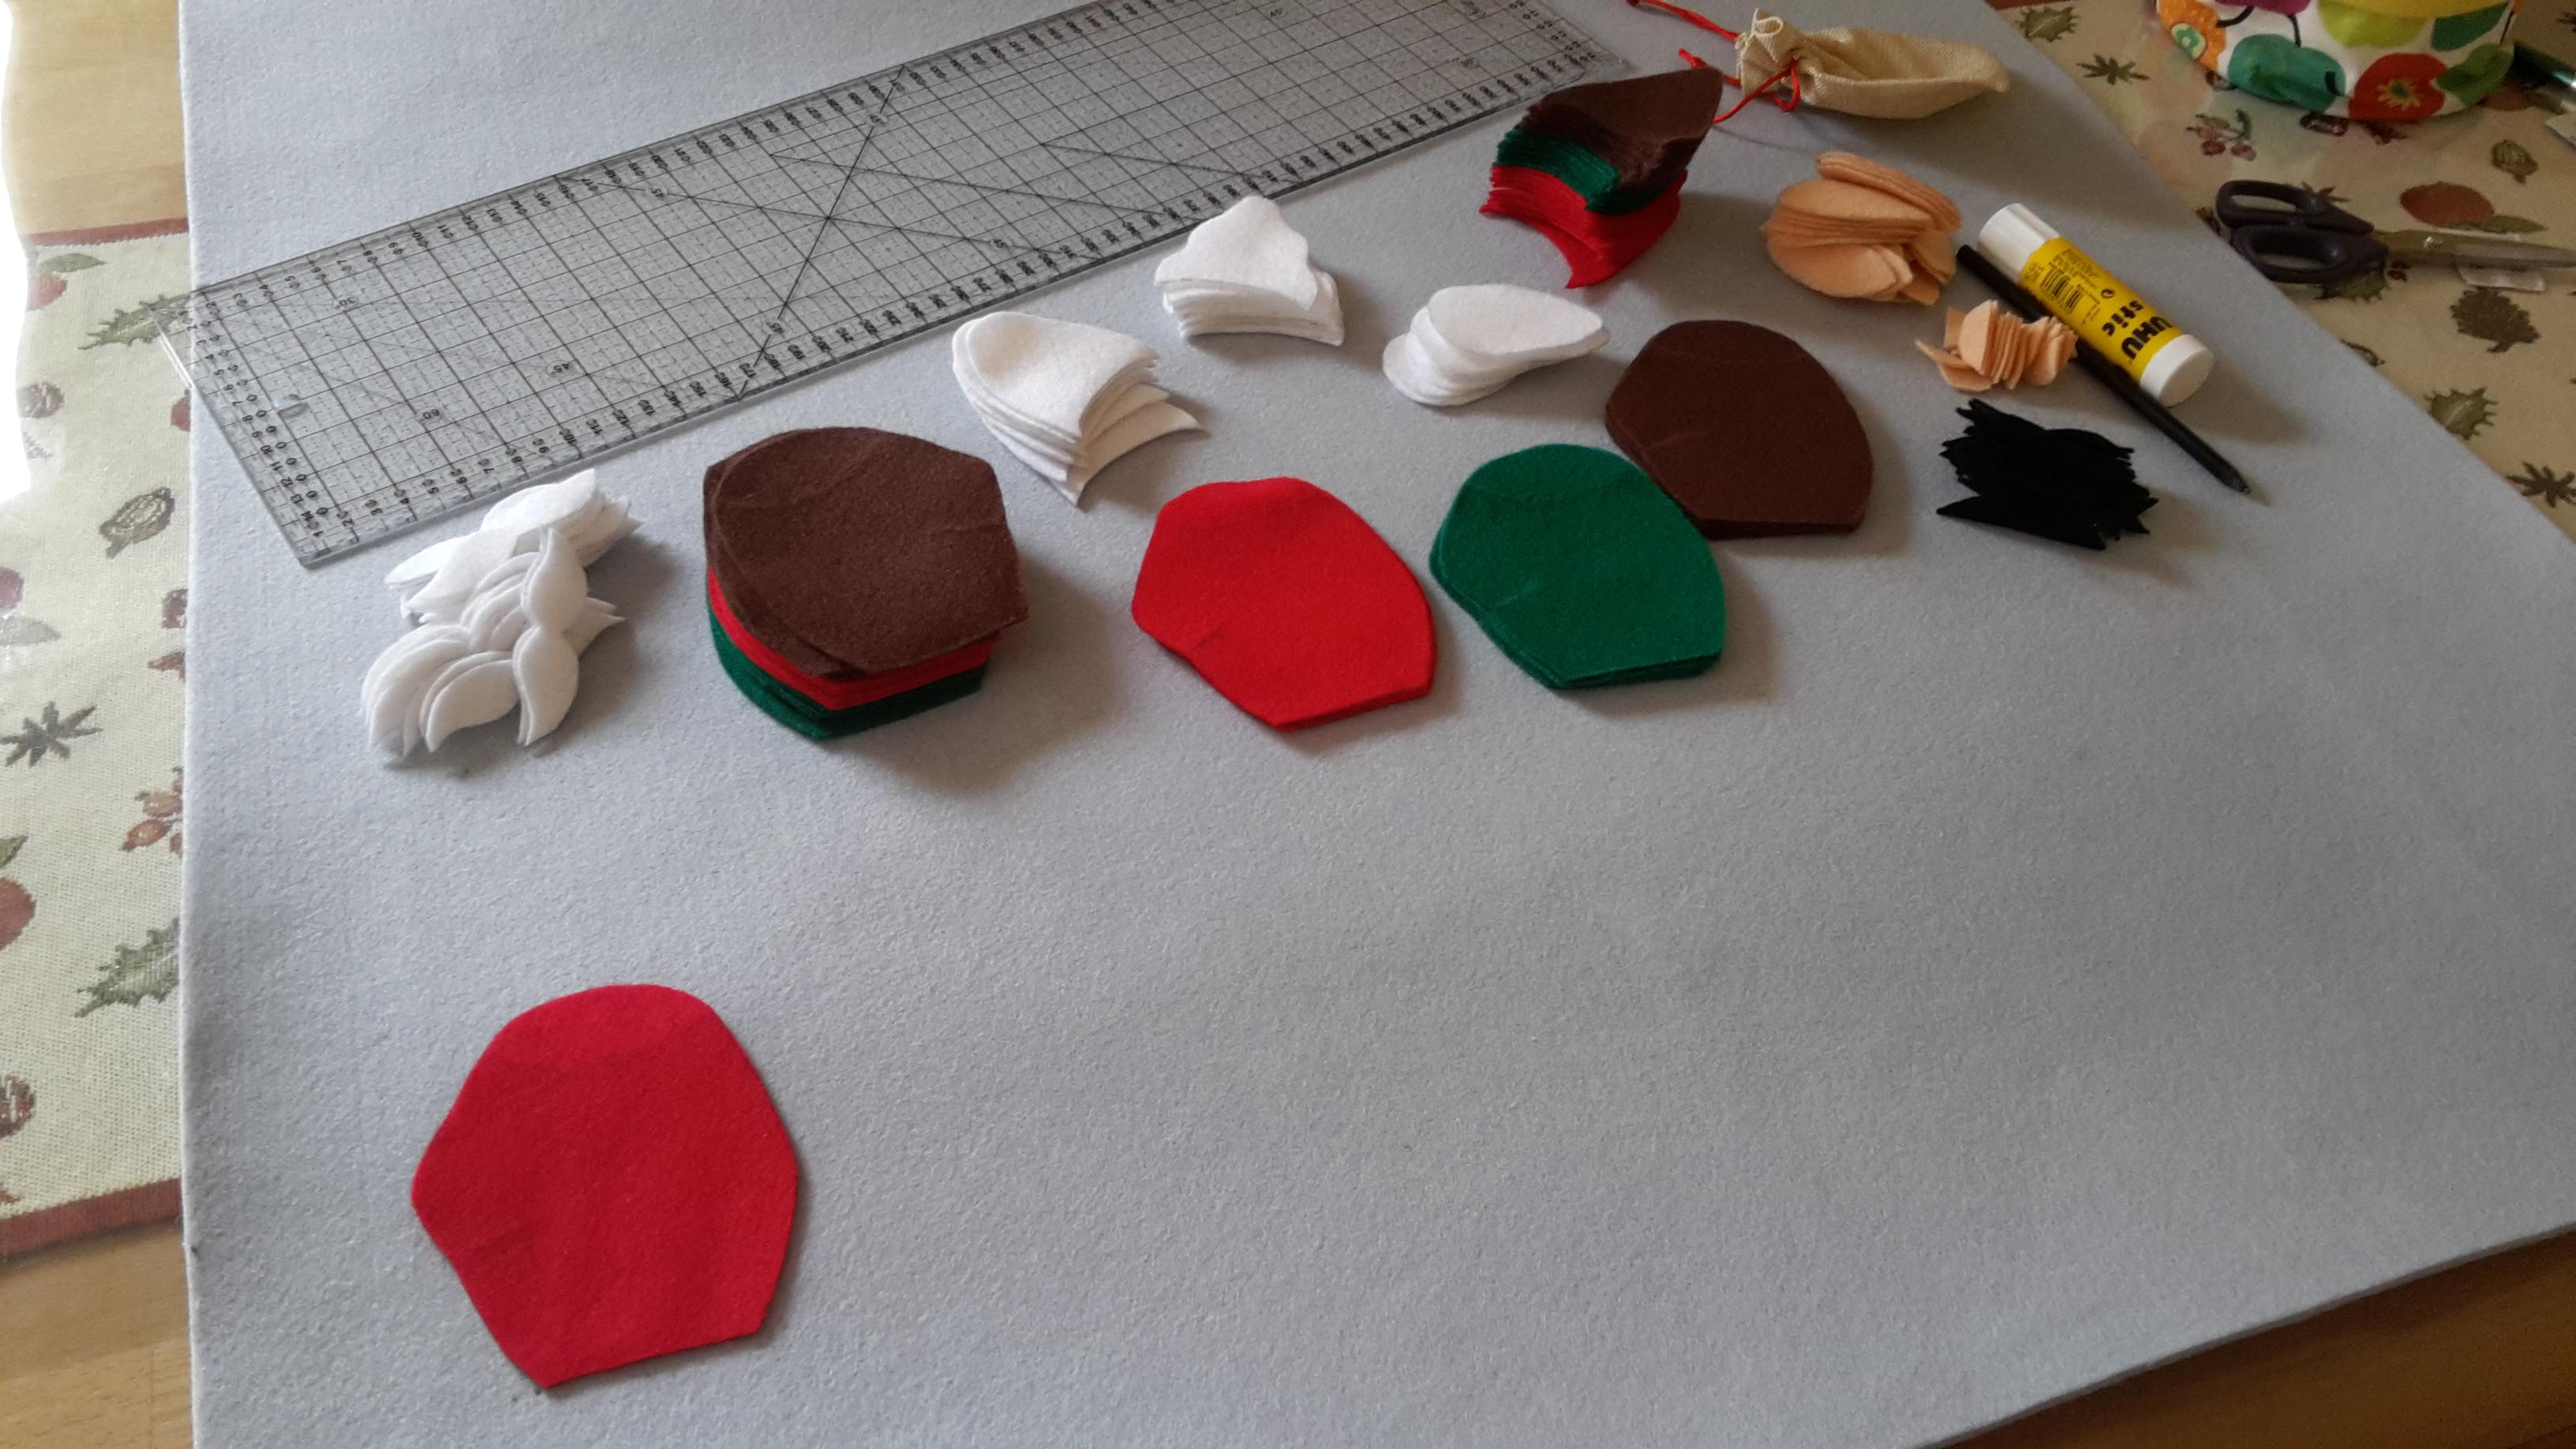 Weihnachtskarten Plus.Diy Adventskalender Und Weihnachtskarten Plus Gewinnspiel